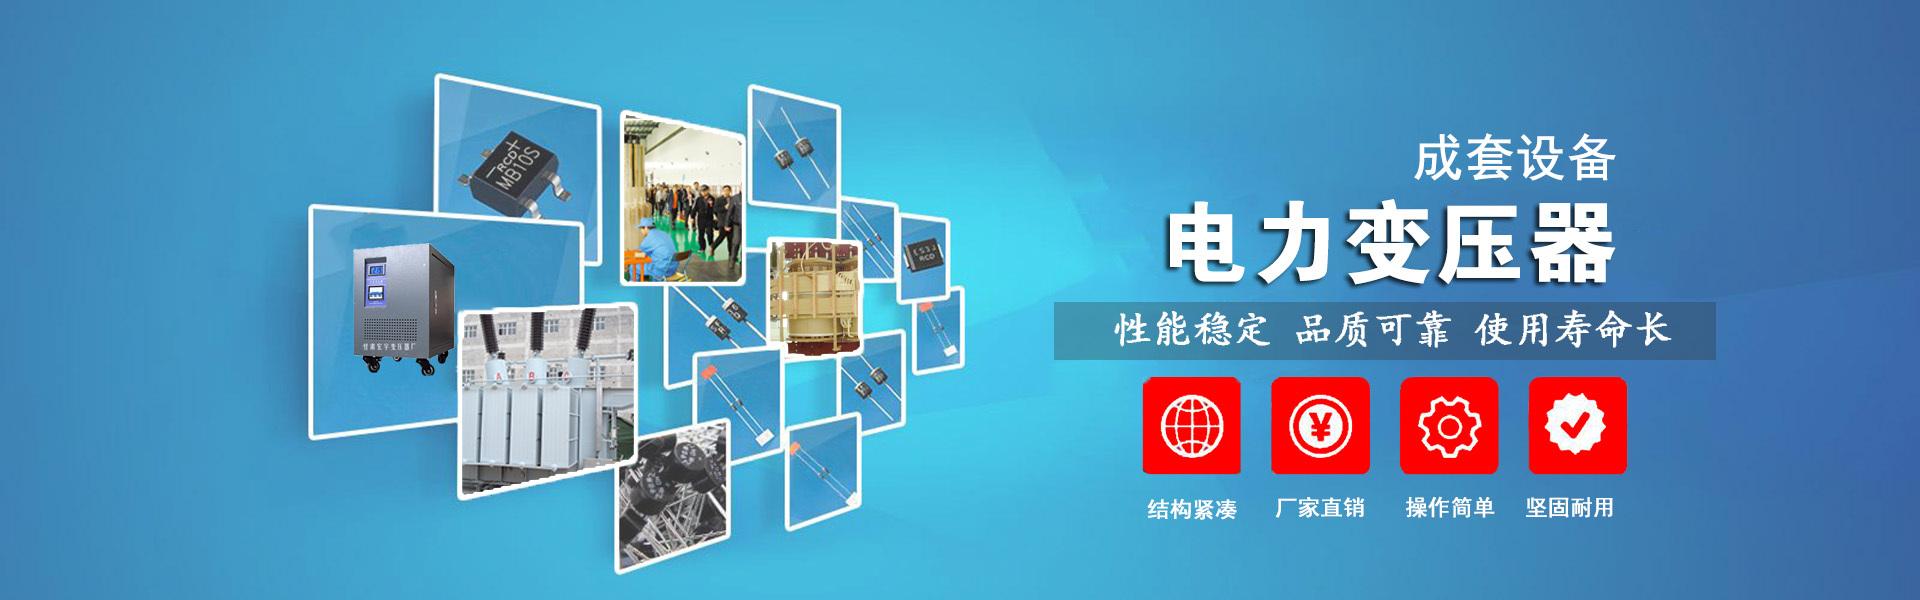 兰州变压器安装维修厂家—— 甘肃省宏宇变压器有限公司